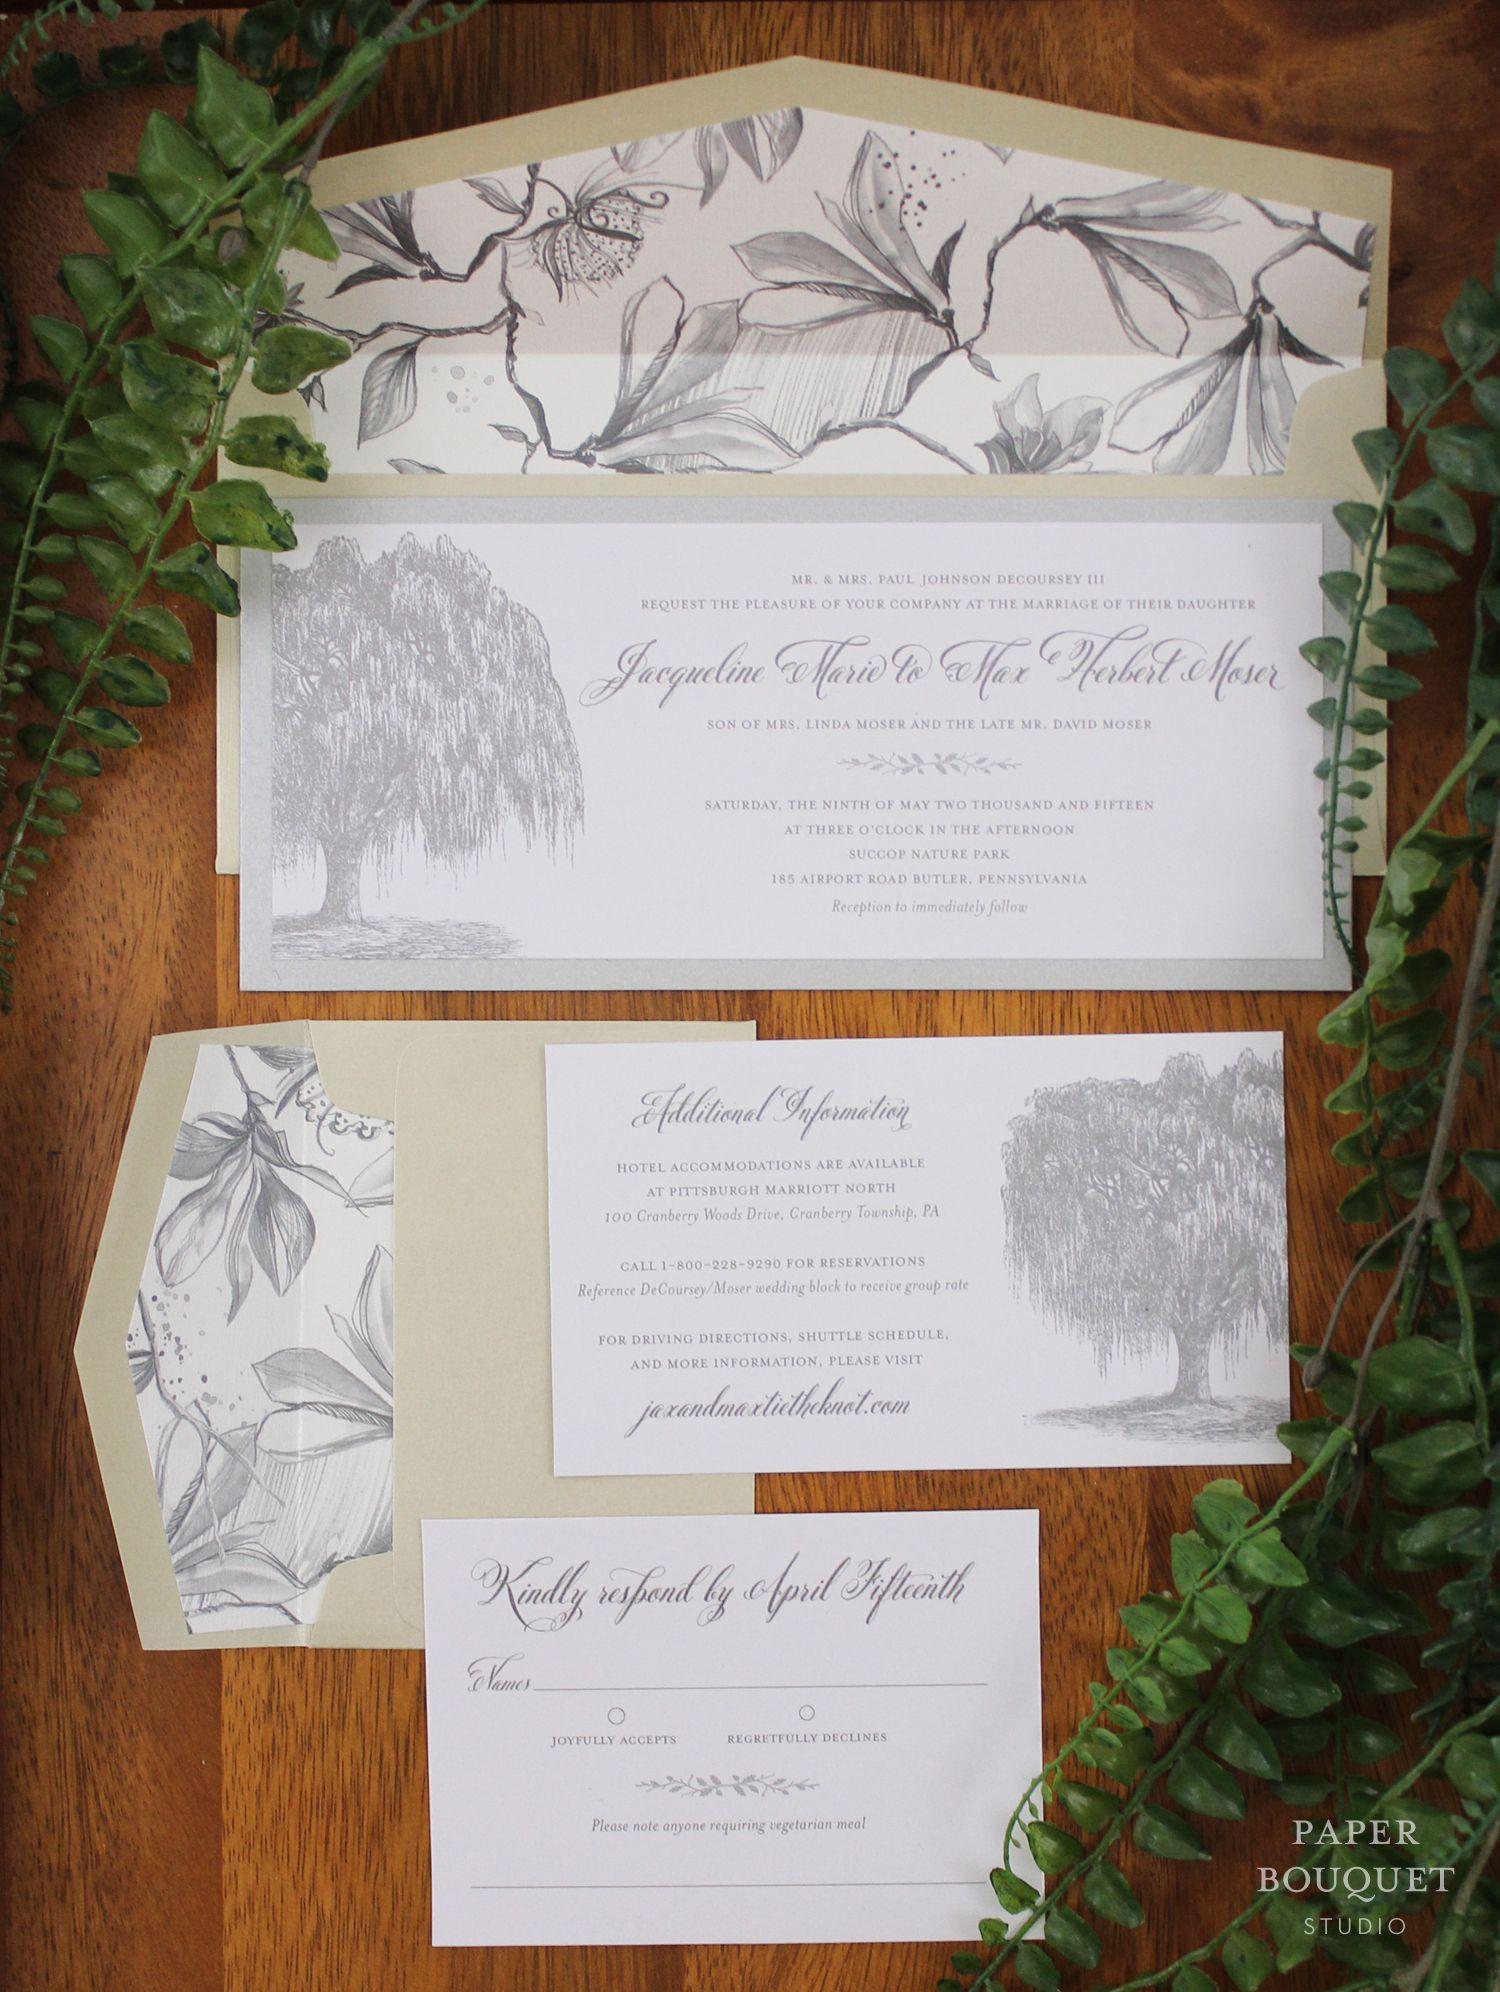 Elegant outdoor wedding invitation suite   Paper Bouquet Studio ...